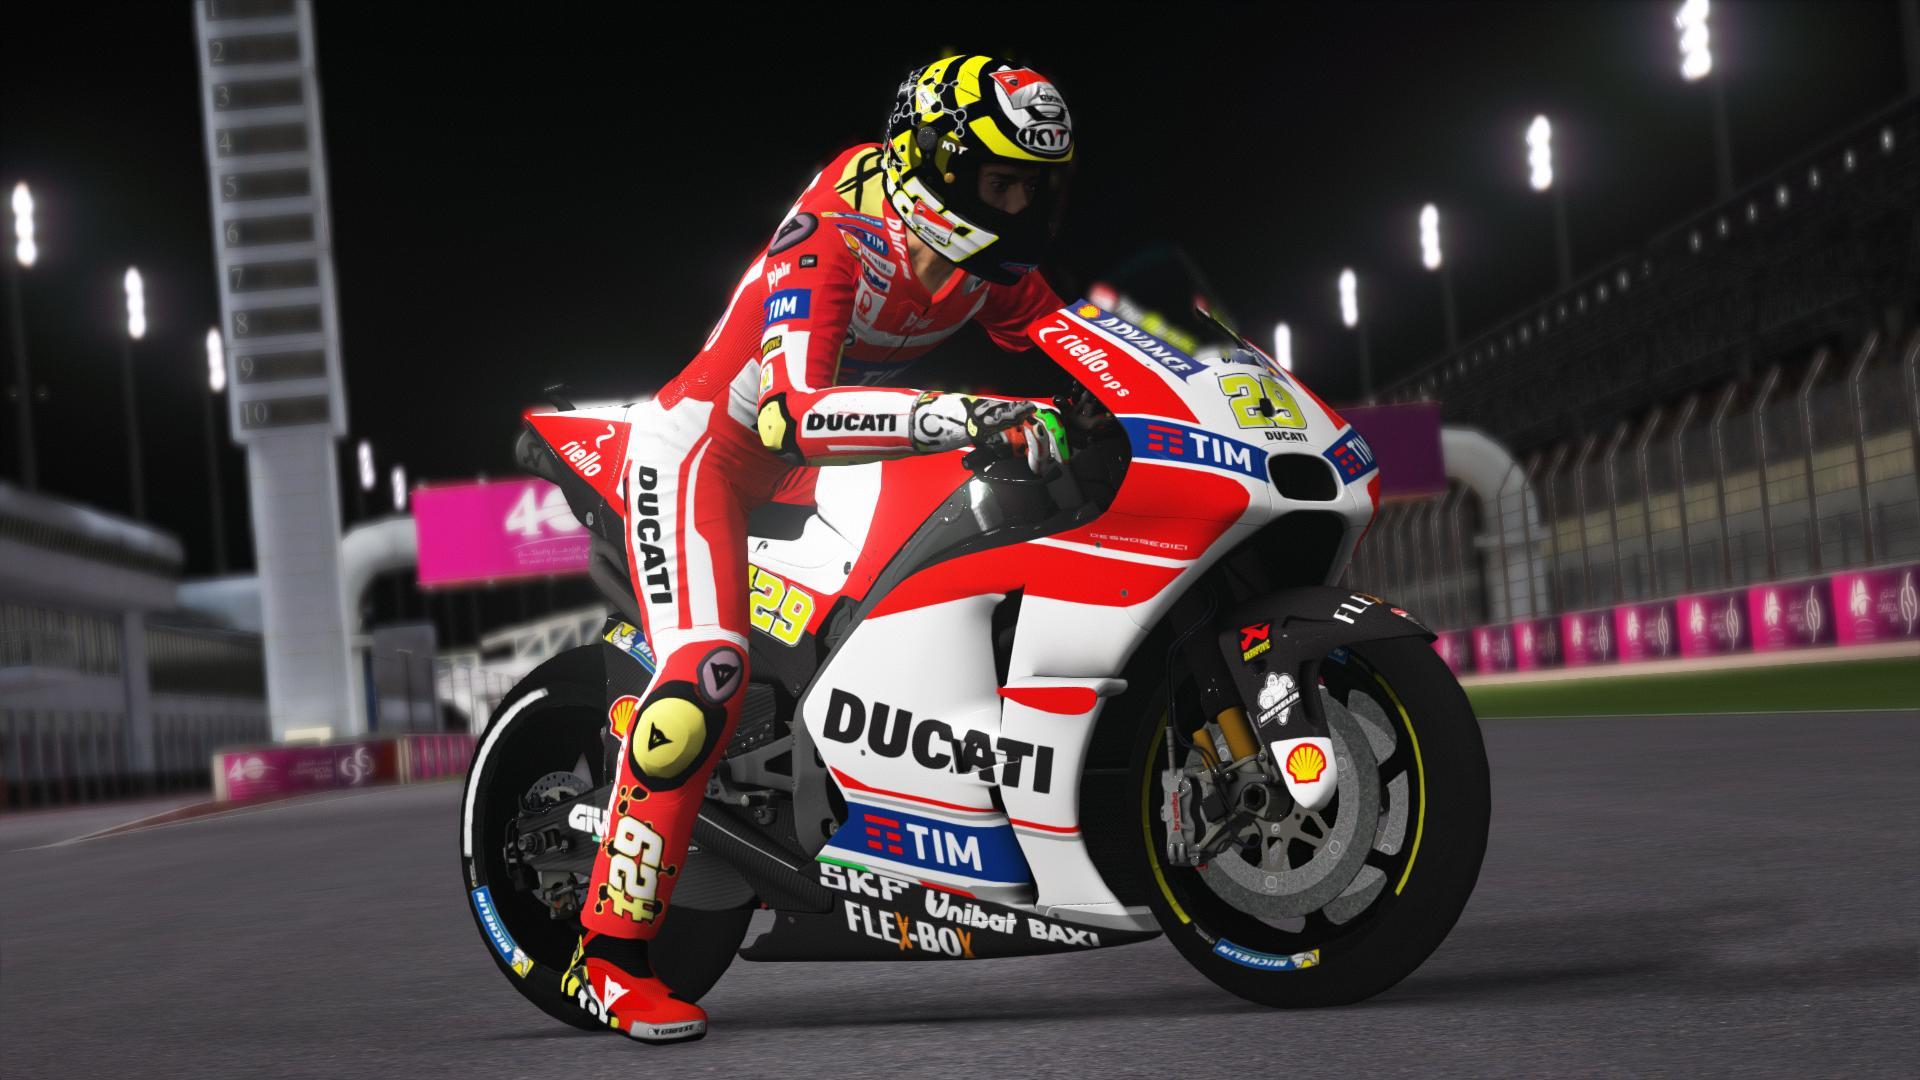 MotoGP15X64 2016-03-19 10-58-54-54.jpg